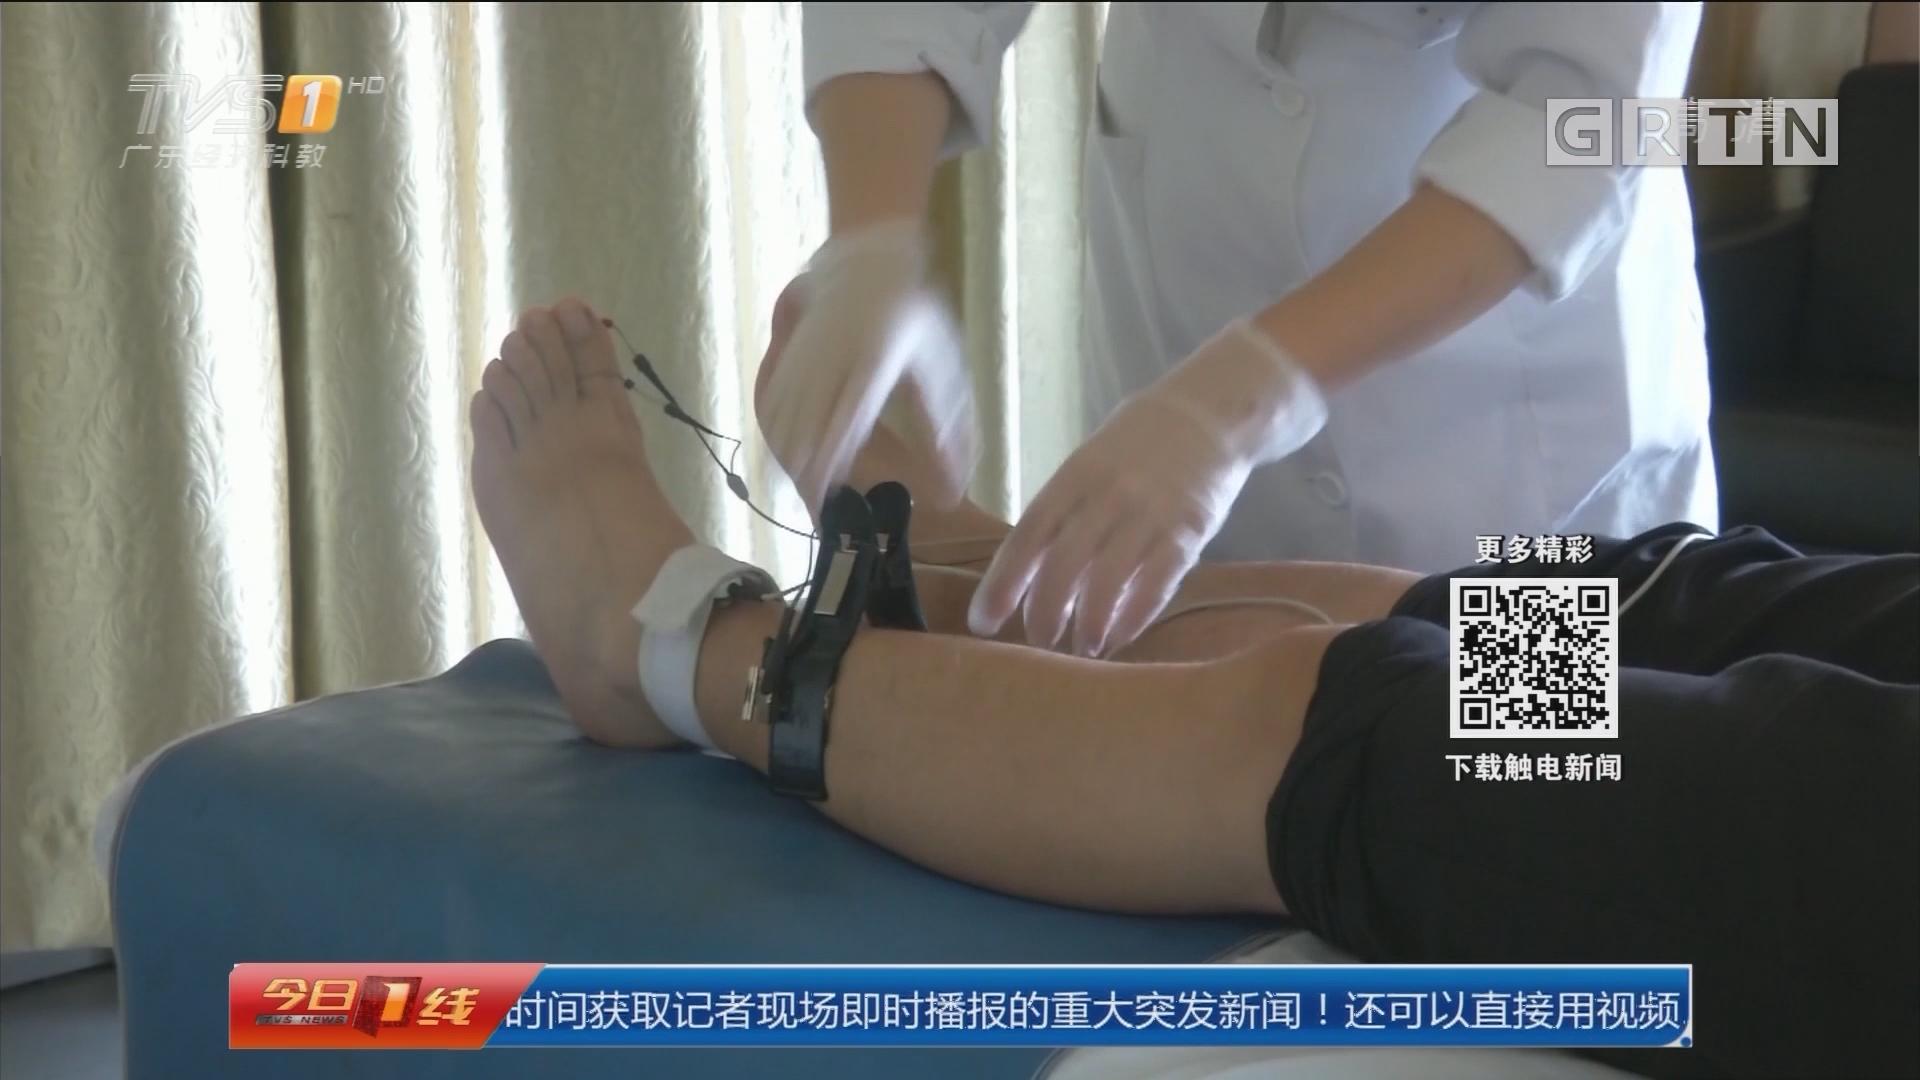 关注健康运动:东莞 日行三万步 小伙腿伤进医院